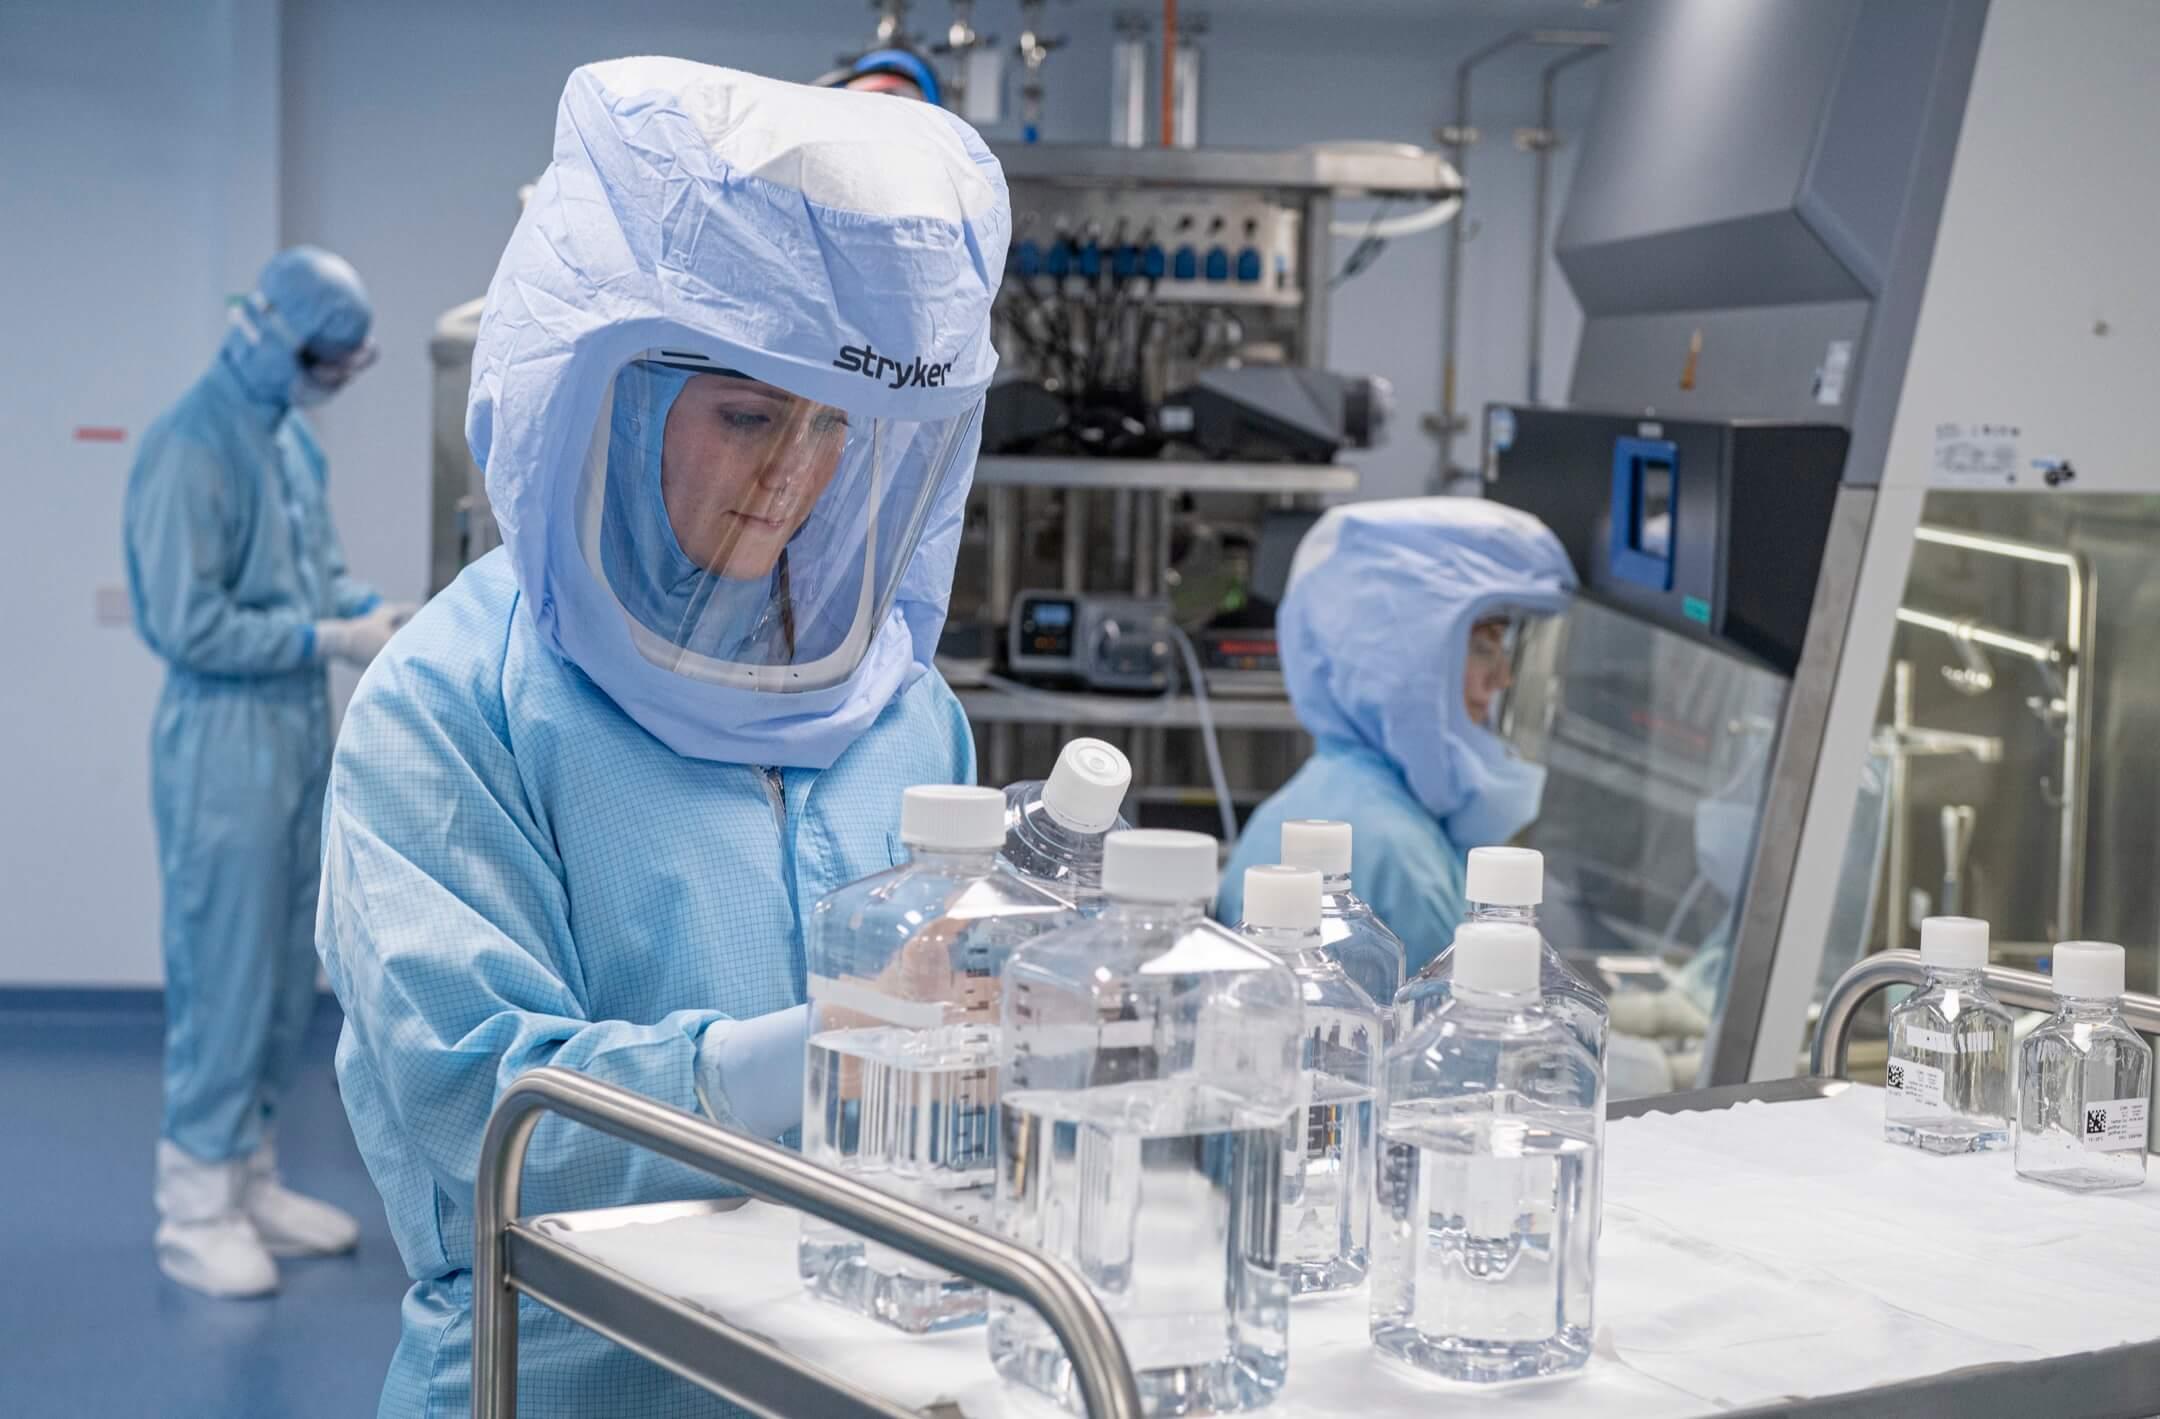 2021年3月27日,德國城鎮馬爾堡Biontech實驗室,穿上全身保護衣的工作人員在無塵間製作2019冠狀病毒疫苗。 攝:Boris Roessler/picture alliance via Getty Images